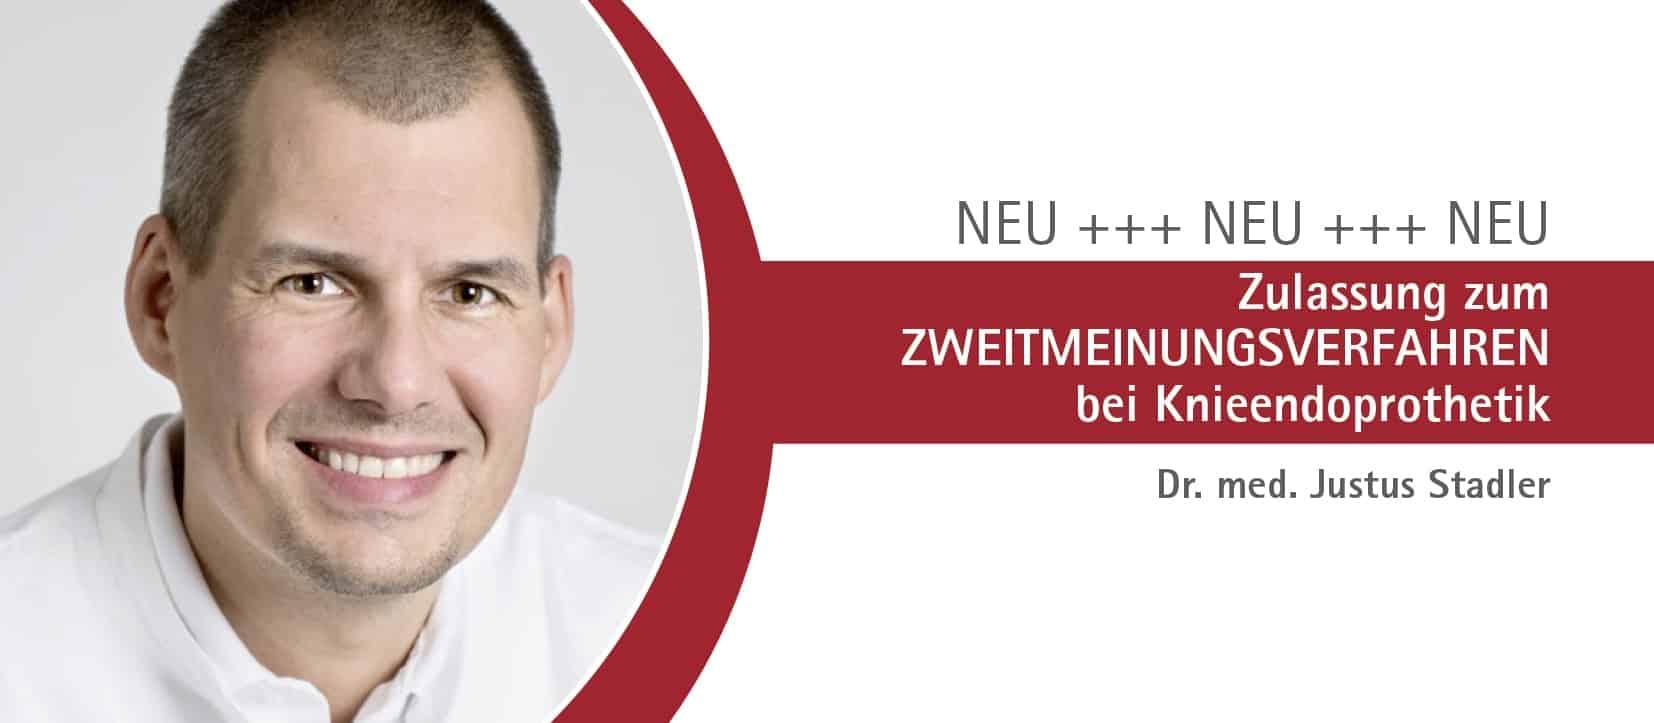 Gelenkzentrum Bergisch Land - Zulassung zum Zweitmeinungsverfahren bei Knieendoprothetik Dr. Justus Stadler